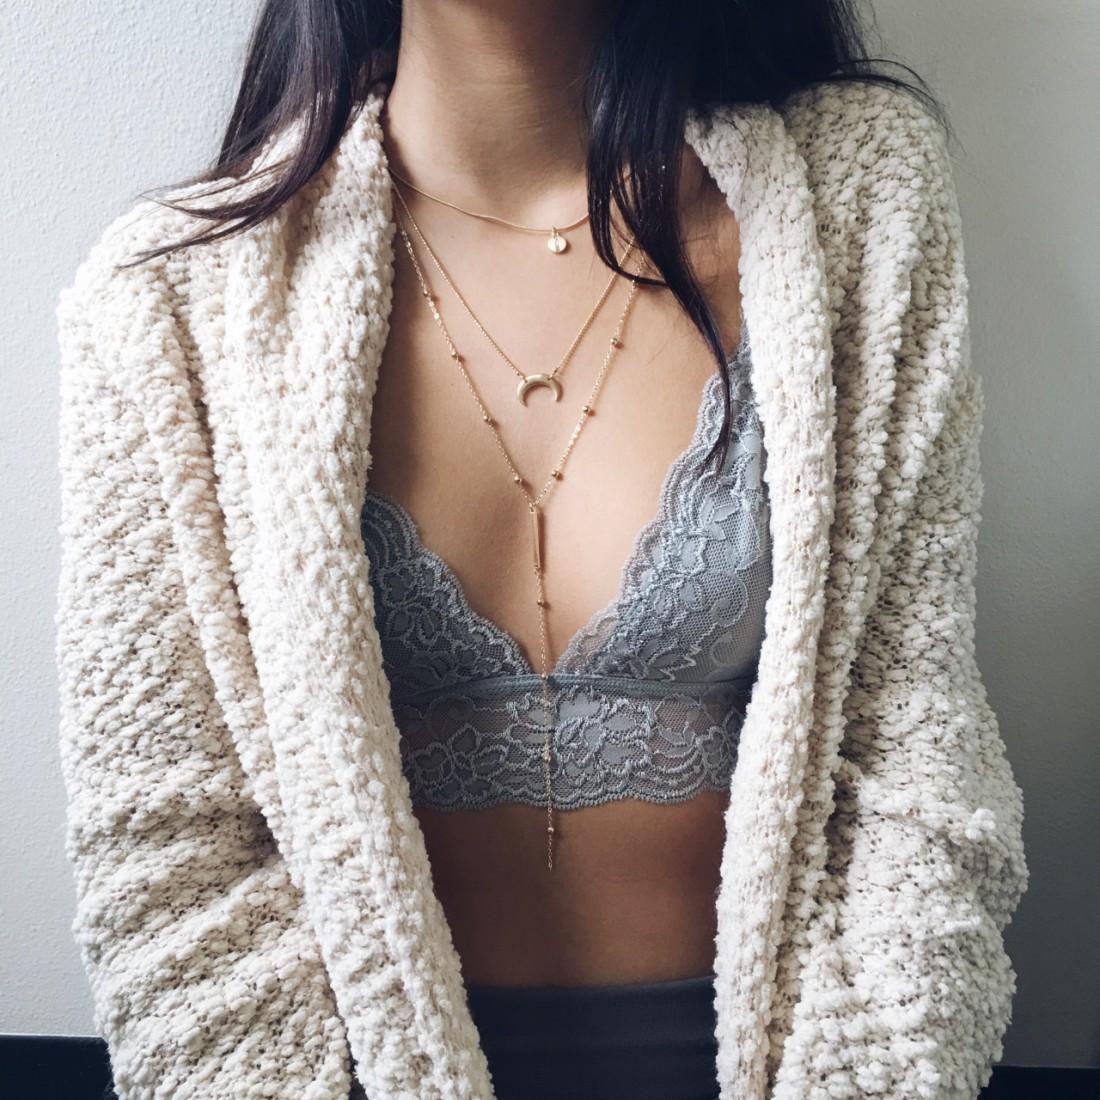 Одна из трех женщин носит бюстгальтер не своего размера